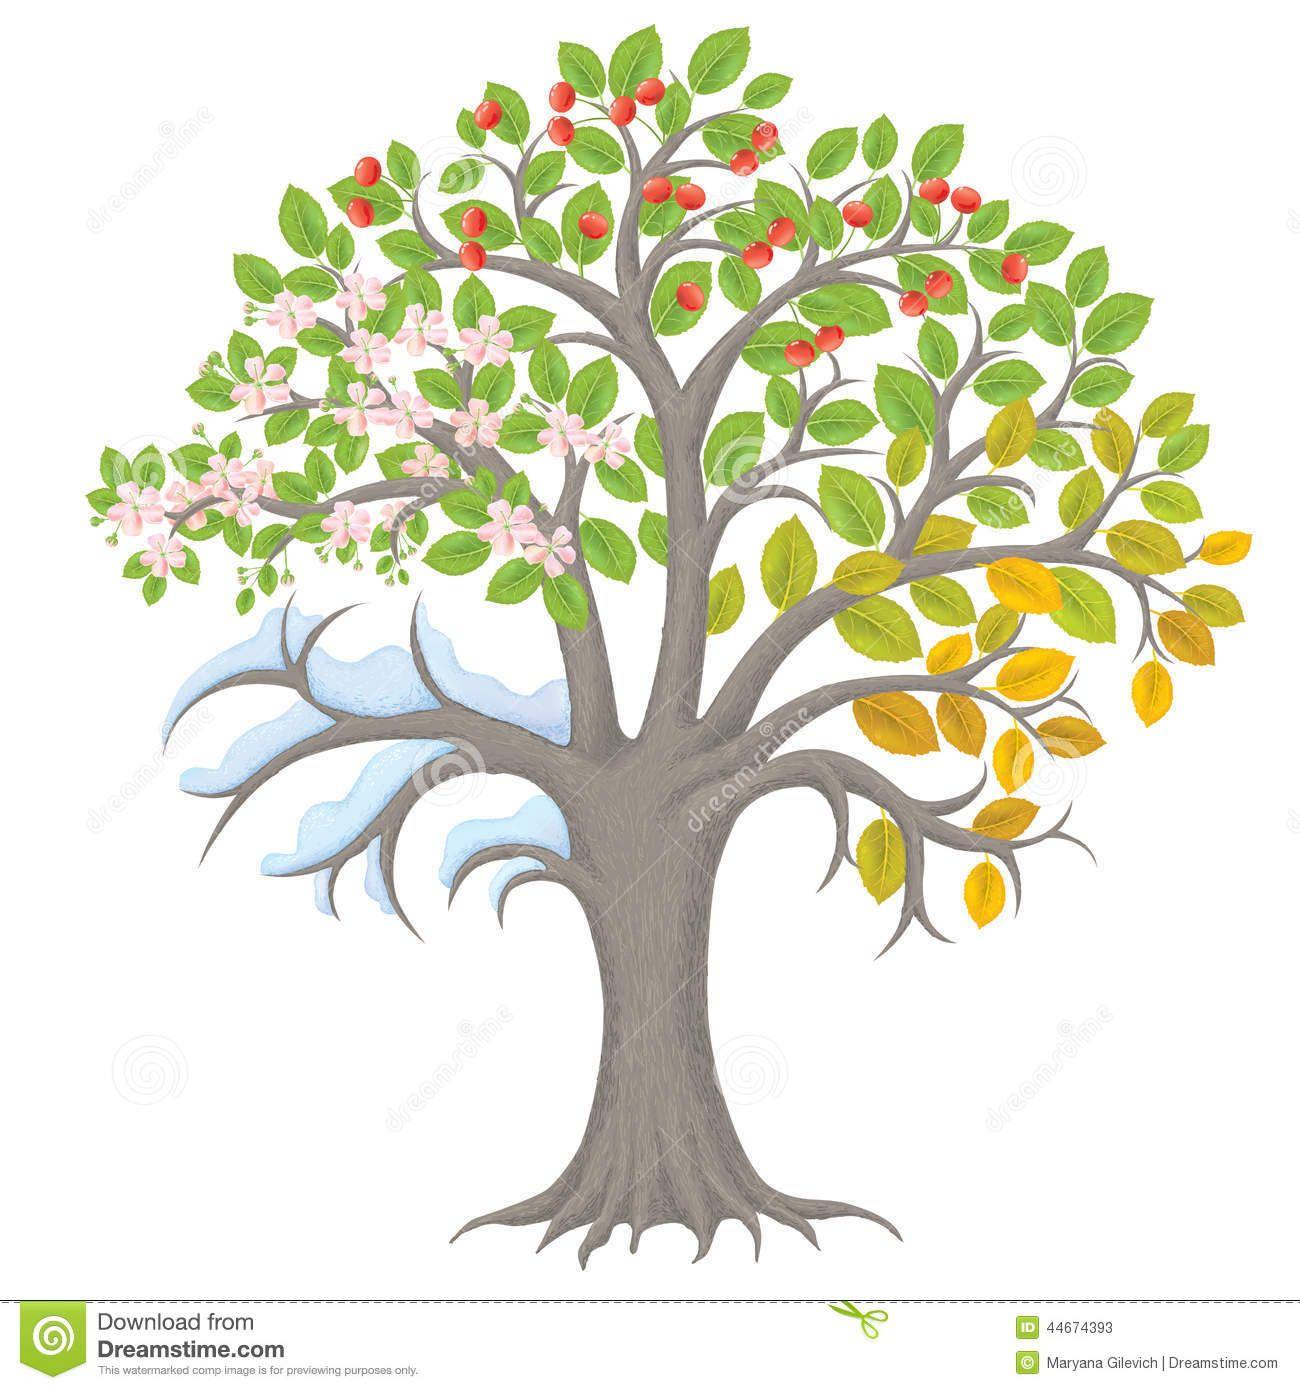 jahreszeiten baum - Google-Suche - Baum Vier Jahreszeiten PNG